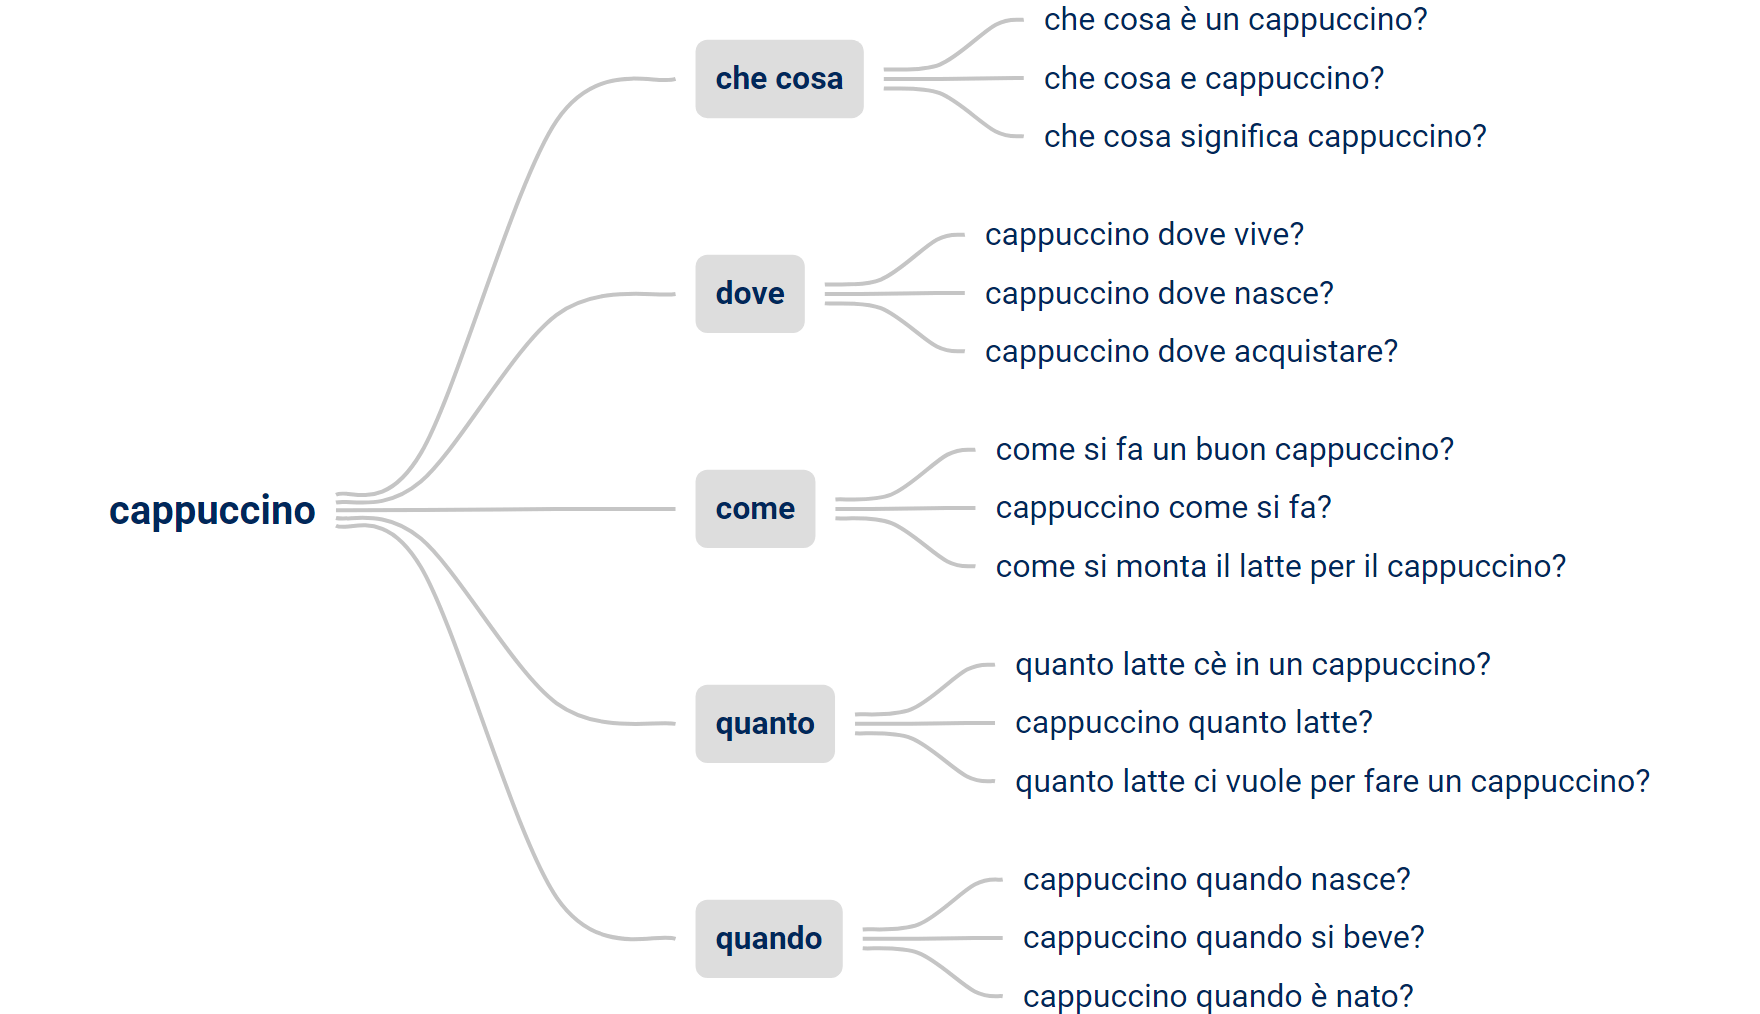 Esempio di domande degli utenti per la keyword Cappuccino